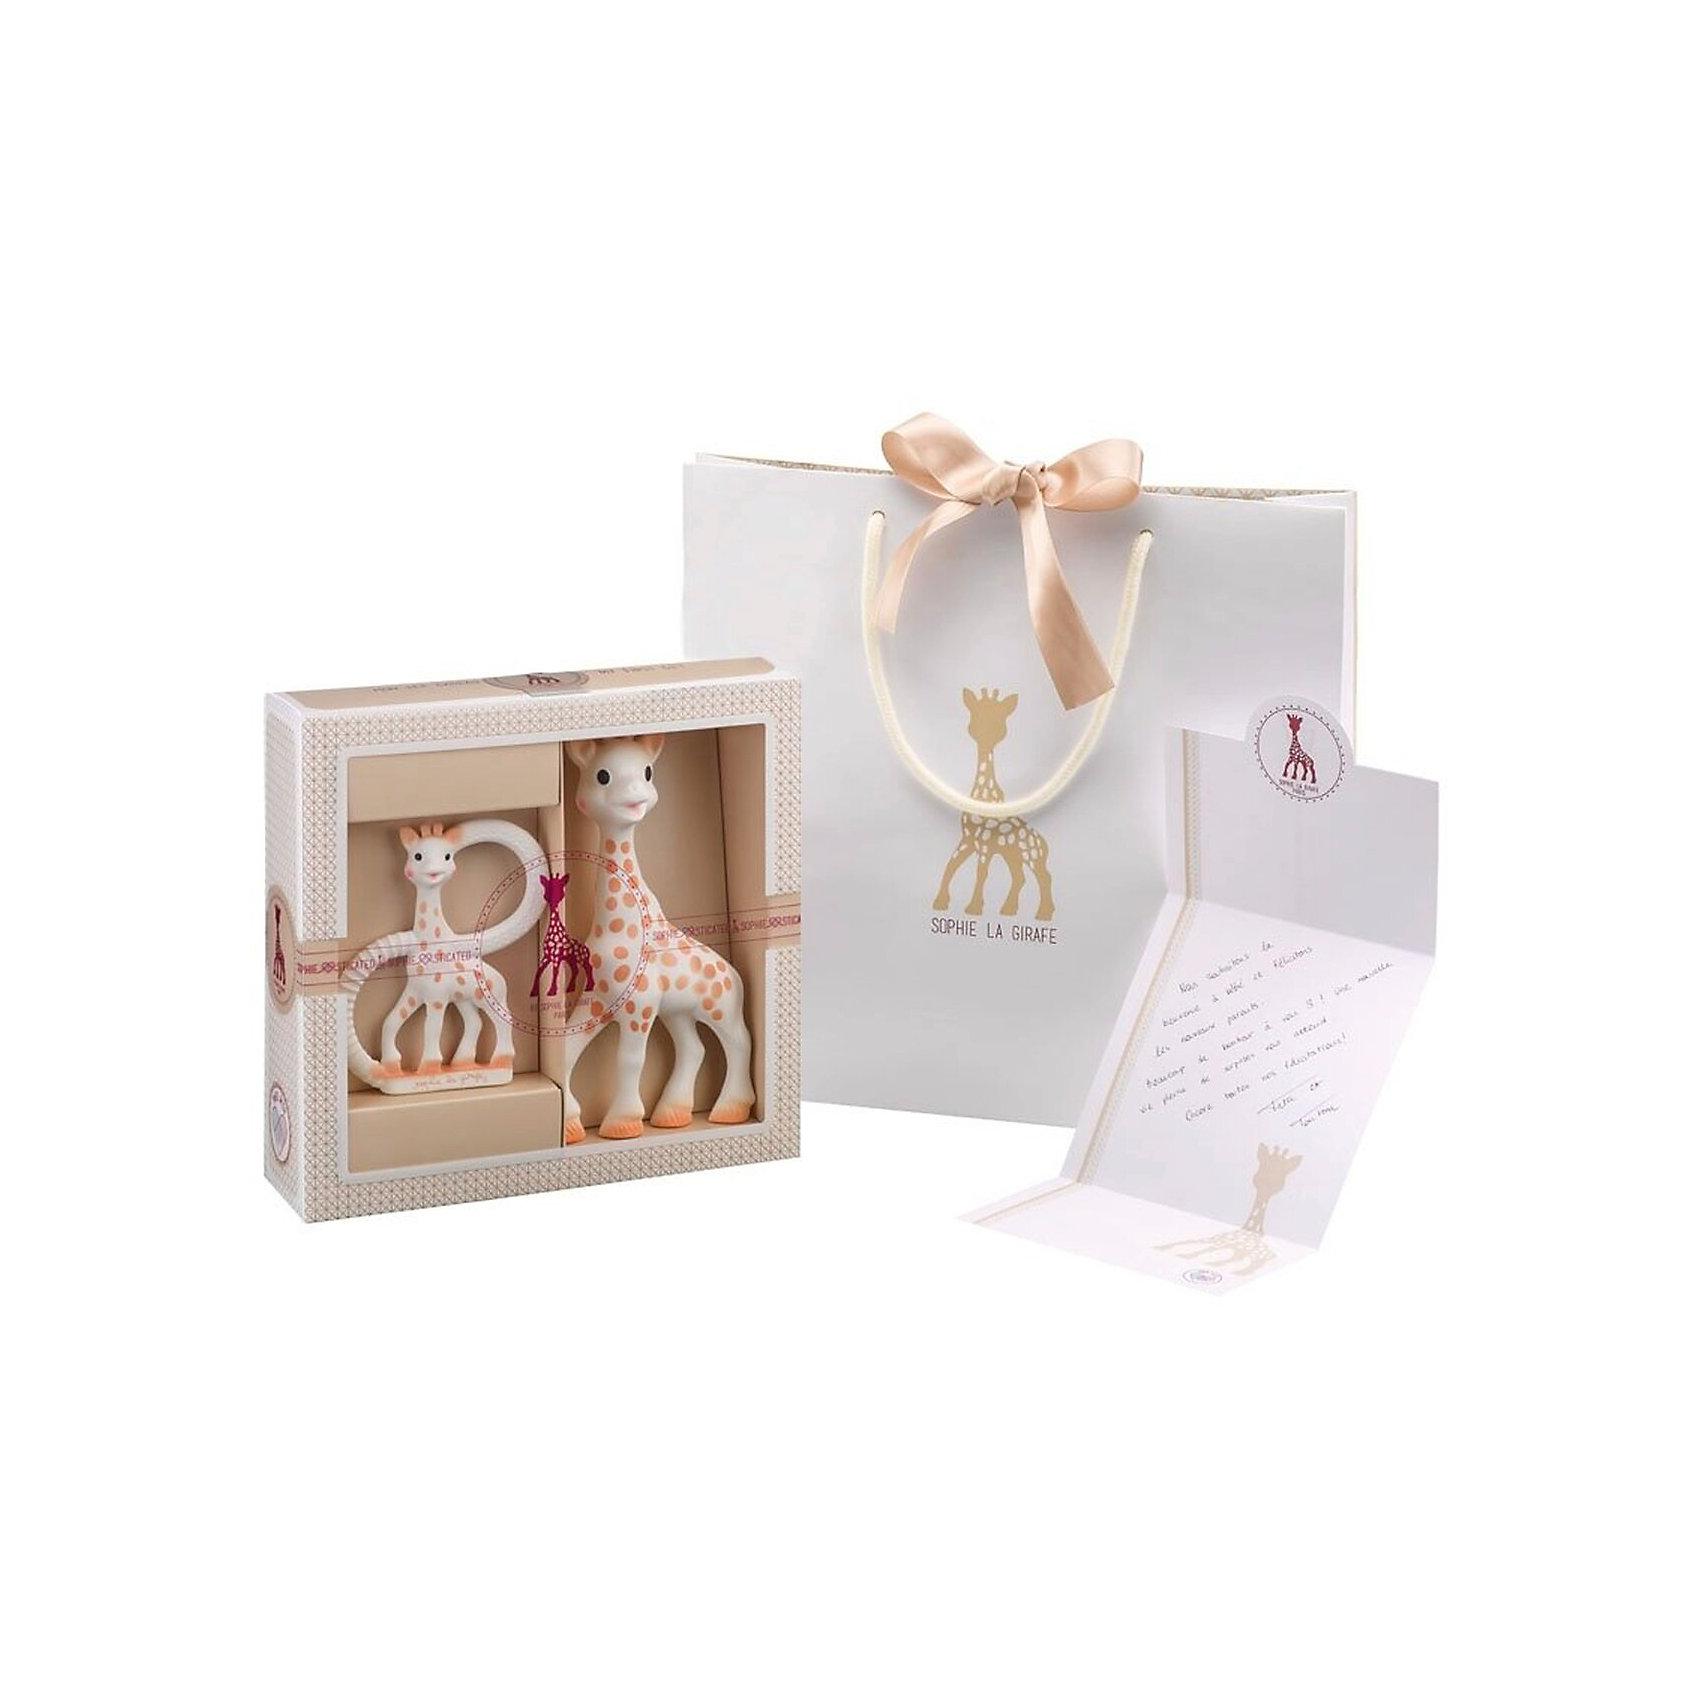 Жирафик Софи в подарочной упаковке, VulliВеликолепный подарок на рождение малыша! В набор входит: Жирафик Софи, прорезыватель необычной формы, брэндированная поздравительная открытка и брэндированный подарочный пакет. Жирафик Софи – уникальная развивающая игрушка-прорезыватель, стимулирует все 5 органов чувств ребенка. Более 50 лет назад Жирафик Софи была создана во французской провинции Румилли Седекс, где  производится до сих пор вручную. По развивающим характеристикам игрушка не имеет аналогов. Жирафик Софи стала другом более чем 50 миллионам малышей по всему миру! Игрушка развивает осязание, зрение, слух, моторику и обоняние. Благодаря этому все пять чувств вашего ребенка будут развиваться гармонично и вовремя, что позволит малышу и в более позднем возрасте легче запоминать информацию, быть более координированным и ловким, грамотнее выражать свои мысли, научится принимать решения. Необычная форма прорезывателя привлекает внимание ребенка и забавляет его продолжительное время. Ребенок может держать прорезыватель двумя или одной рукой за кольца.  Форма и размеры ручек прорезывателя идеально подойдут для маленьких ладошек младенца. Каучуковый прорезыватель очень удобно брать с собой во время прогулок или путешествий. Прорезыватель имеет части различной формы и текстуры, которые помогут малышу снять зуд с десен в период прорезывания зубов. Уменьшенная фигурка Жирафика Софи будет напоминать малышу о любимой игрушке. Вы сможете положить Ваш подарок в брэндированный пакет, входящий в комплект, и написав несколько приятных слов в открытку, подарить набор новорожденному.  Возраст: 0 мес+.<br><br>Ширина мм: 215<br>Глубина мм: 65<br>Высота мм: 225<br>Вес г: 175<br>Возраст от месяцев: 0<br>Возраст до месяцев: 24<br>Пол: Унисекс<br>Возраст: Детский<br>SKU: 4440499